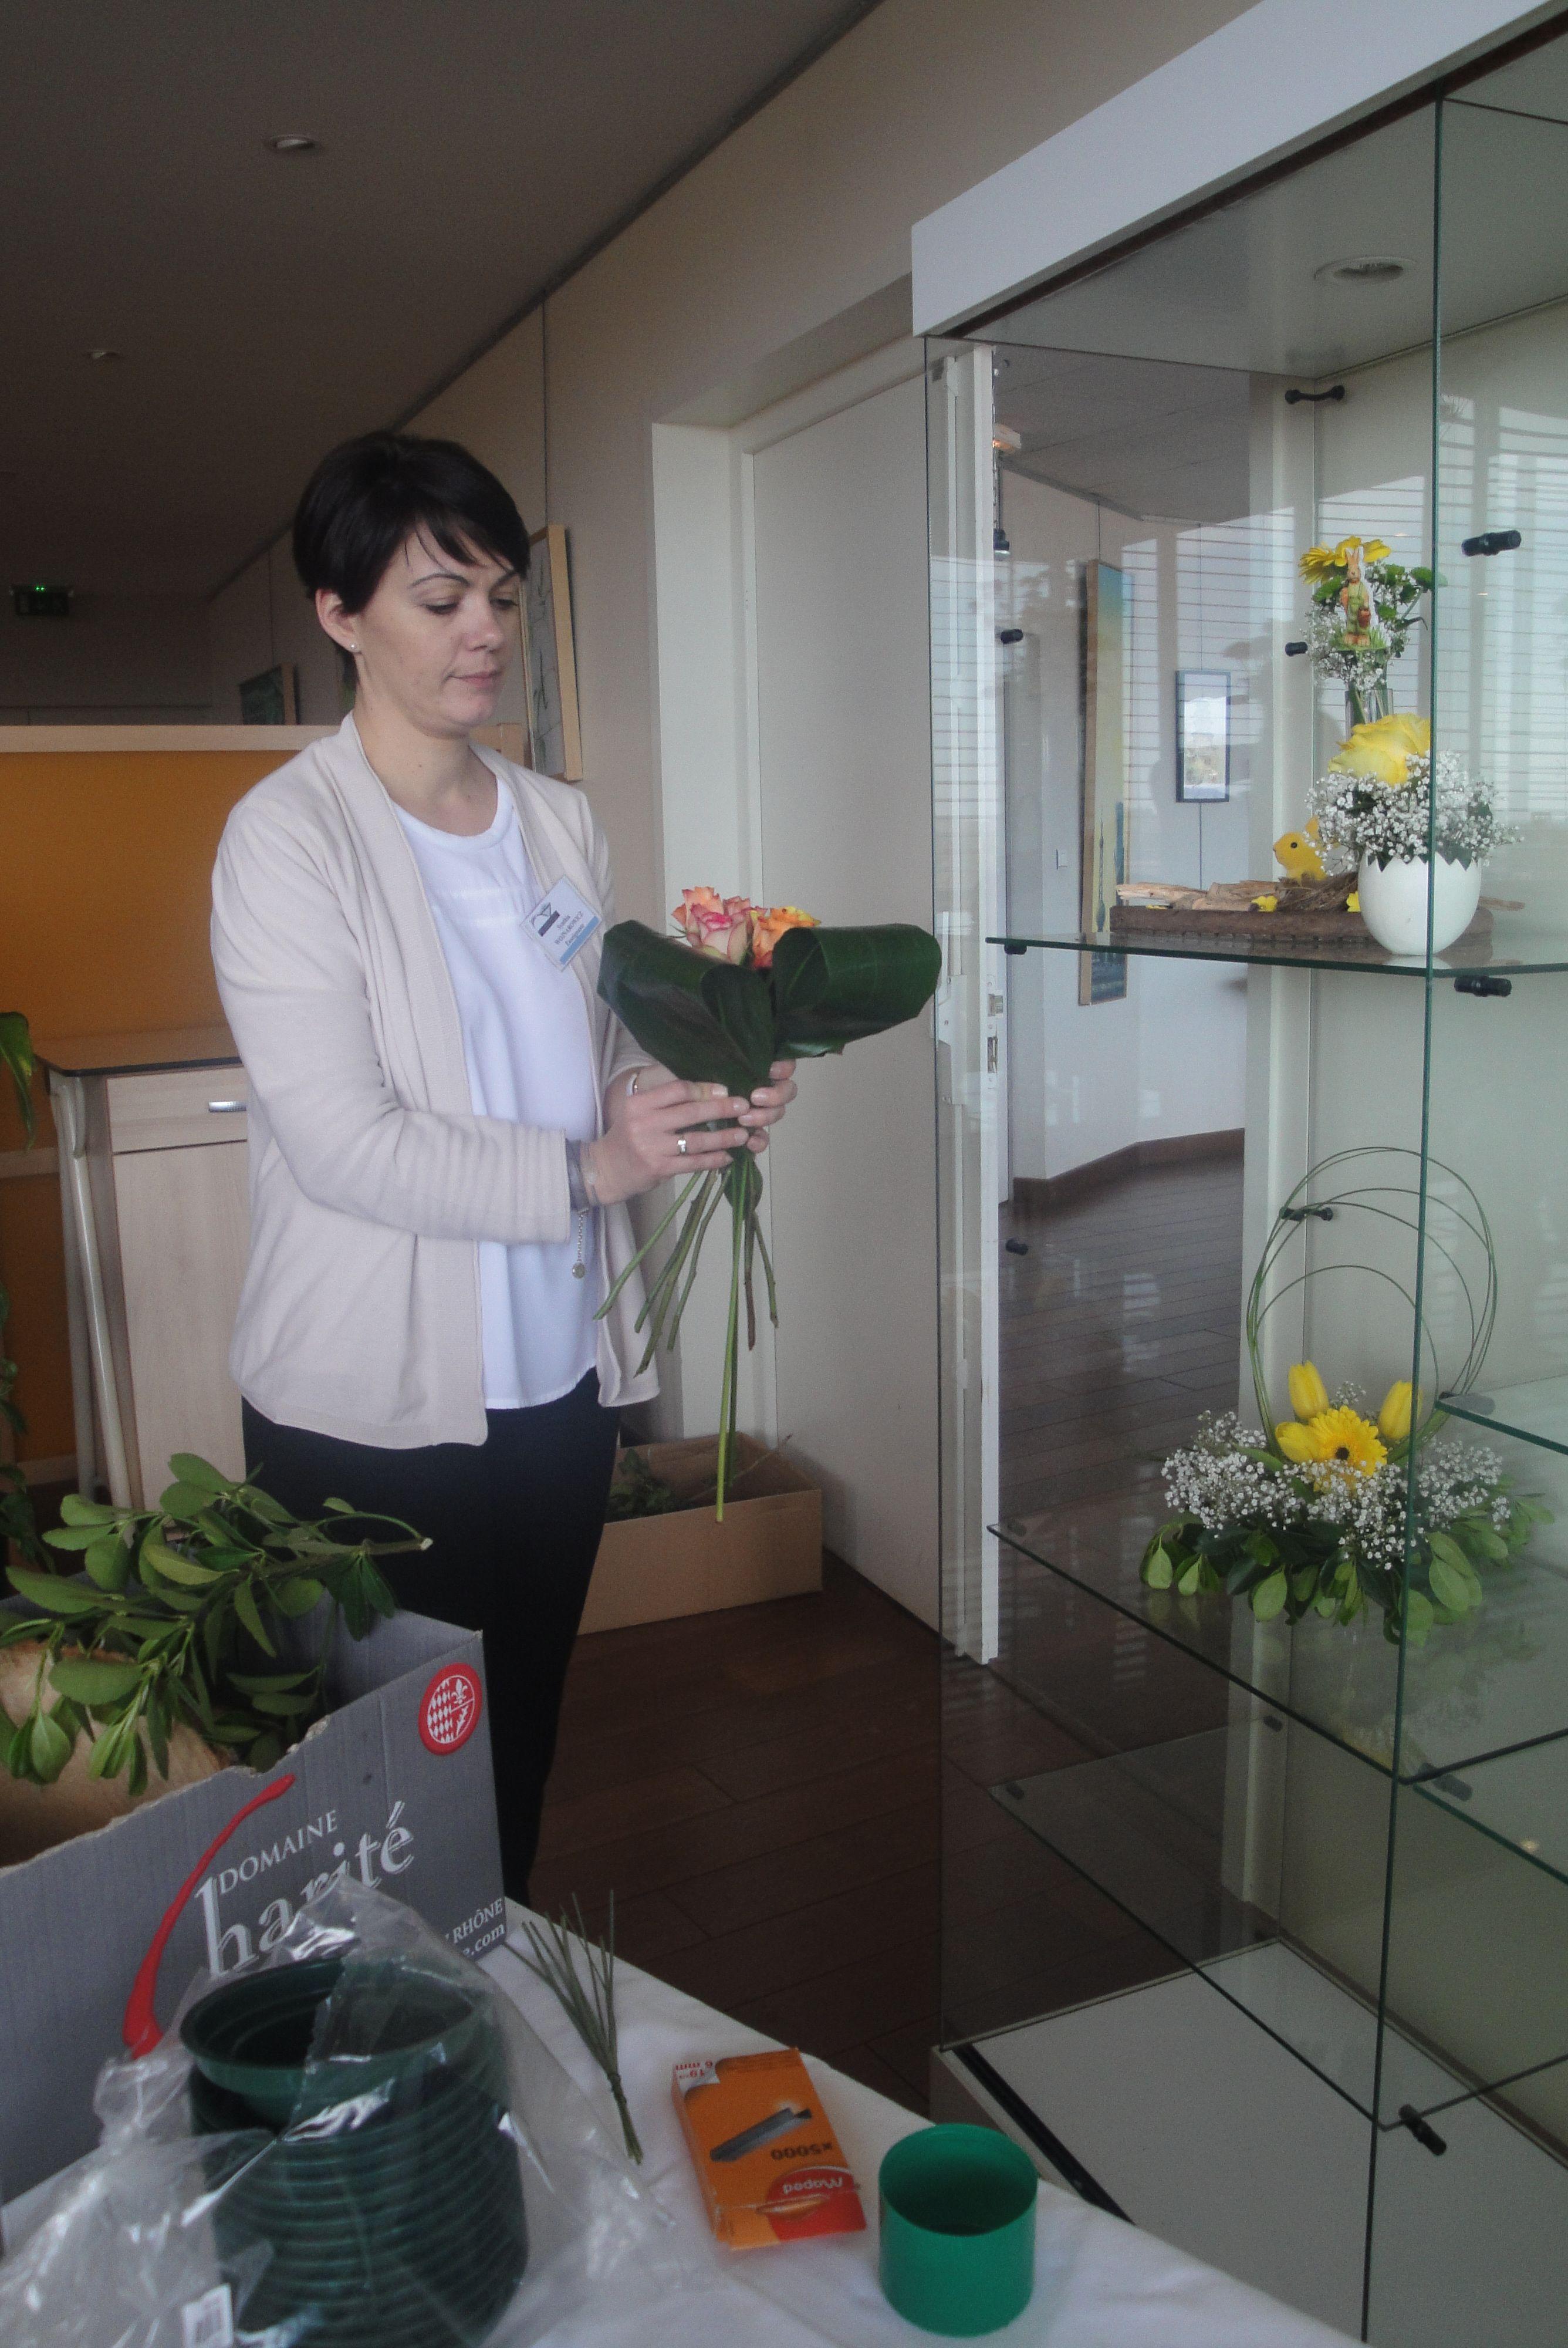 Réalisation de bouquets printaniers